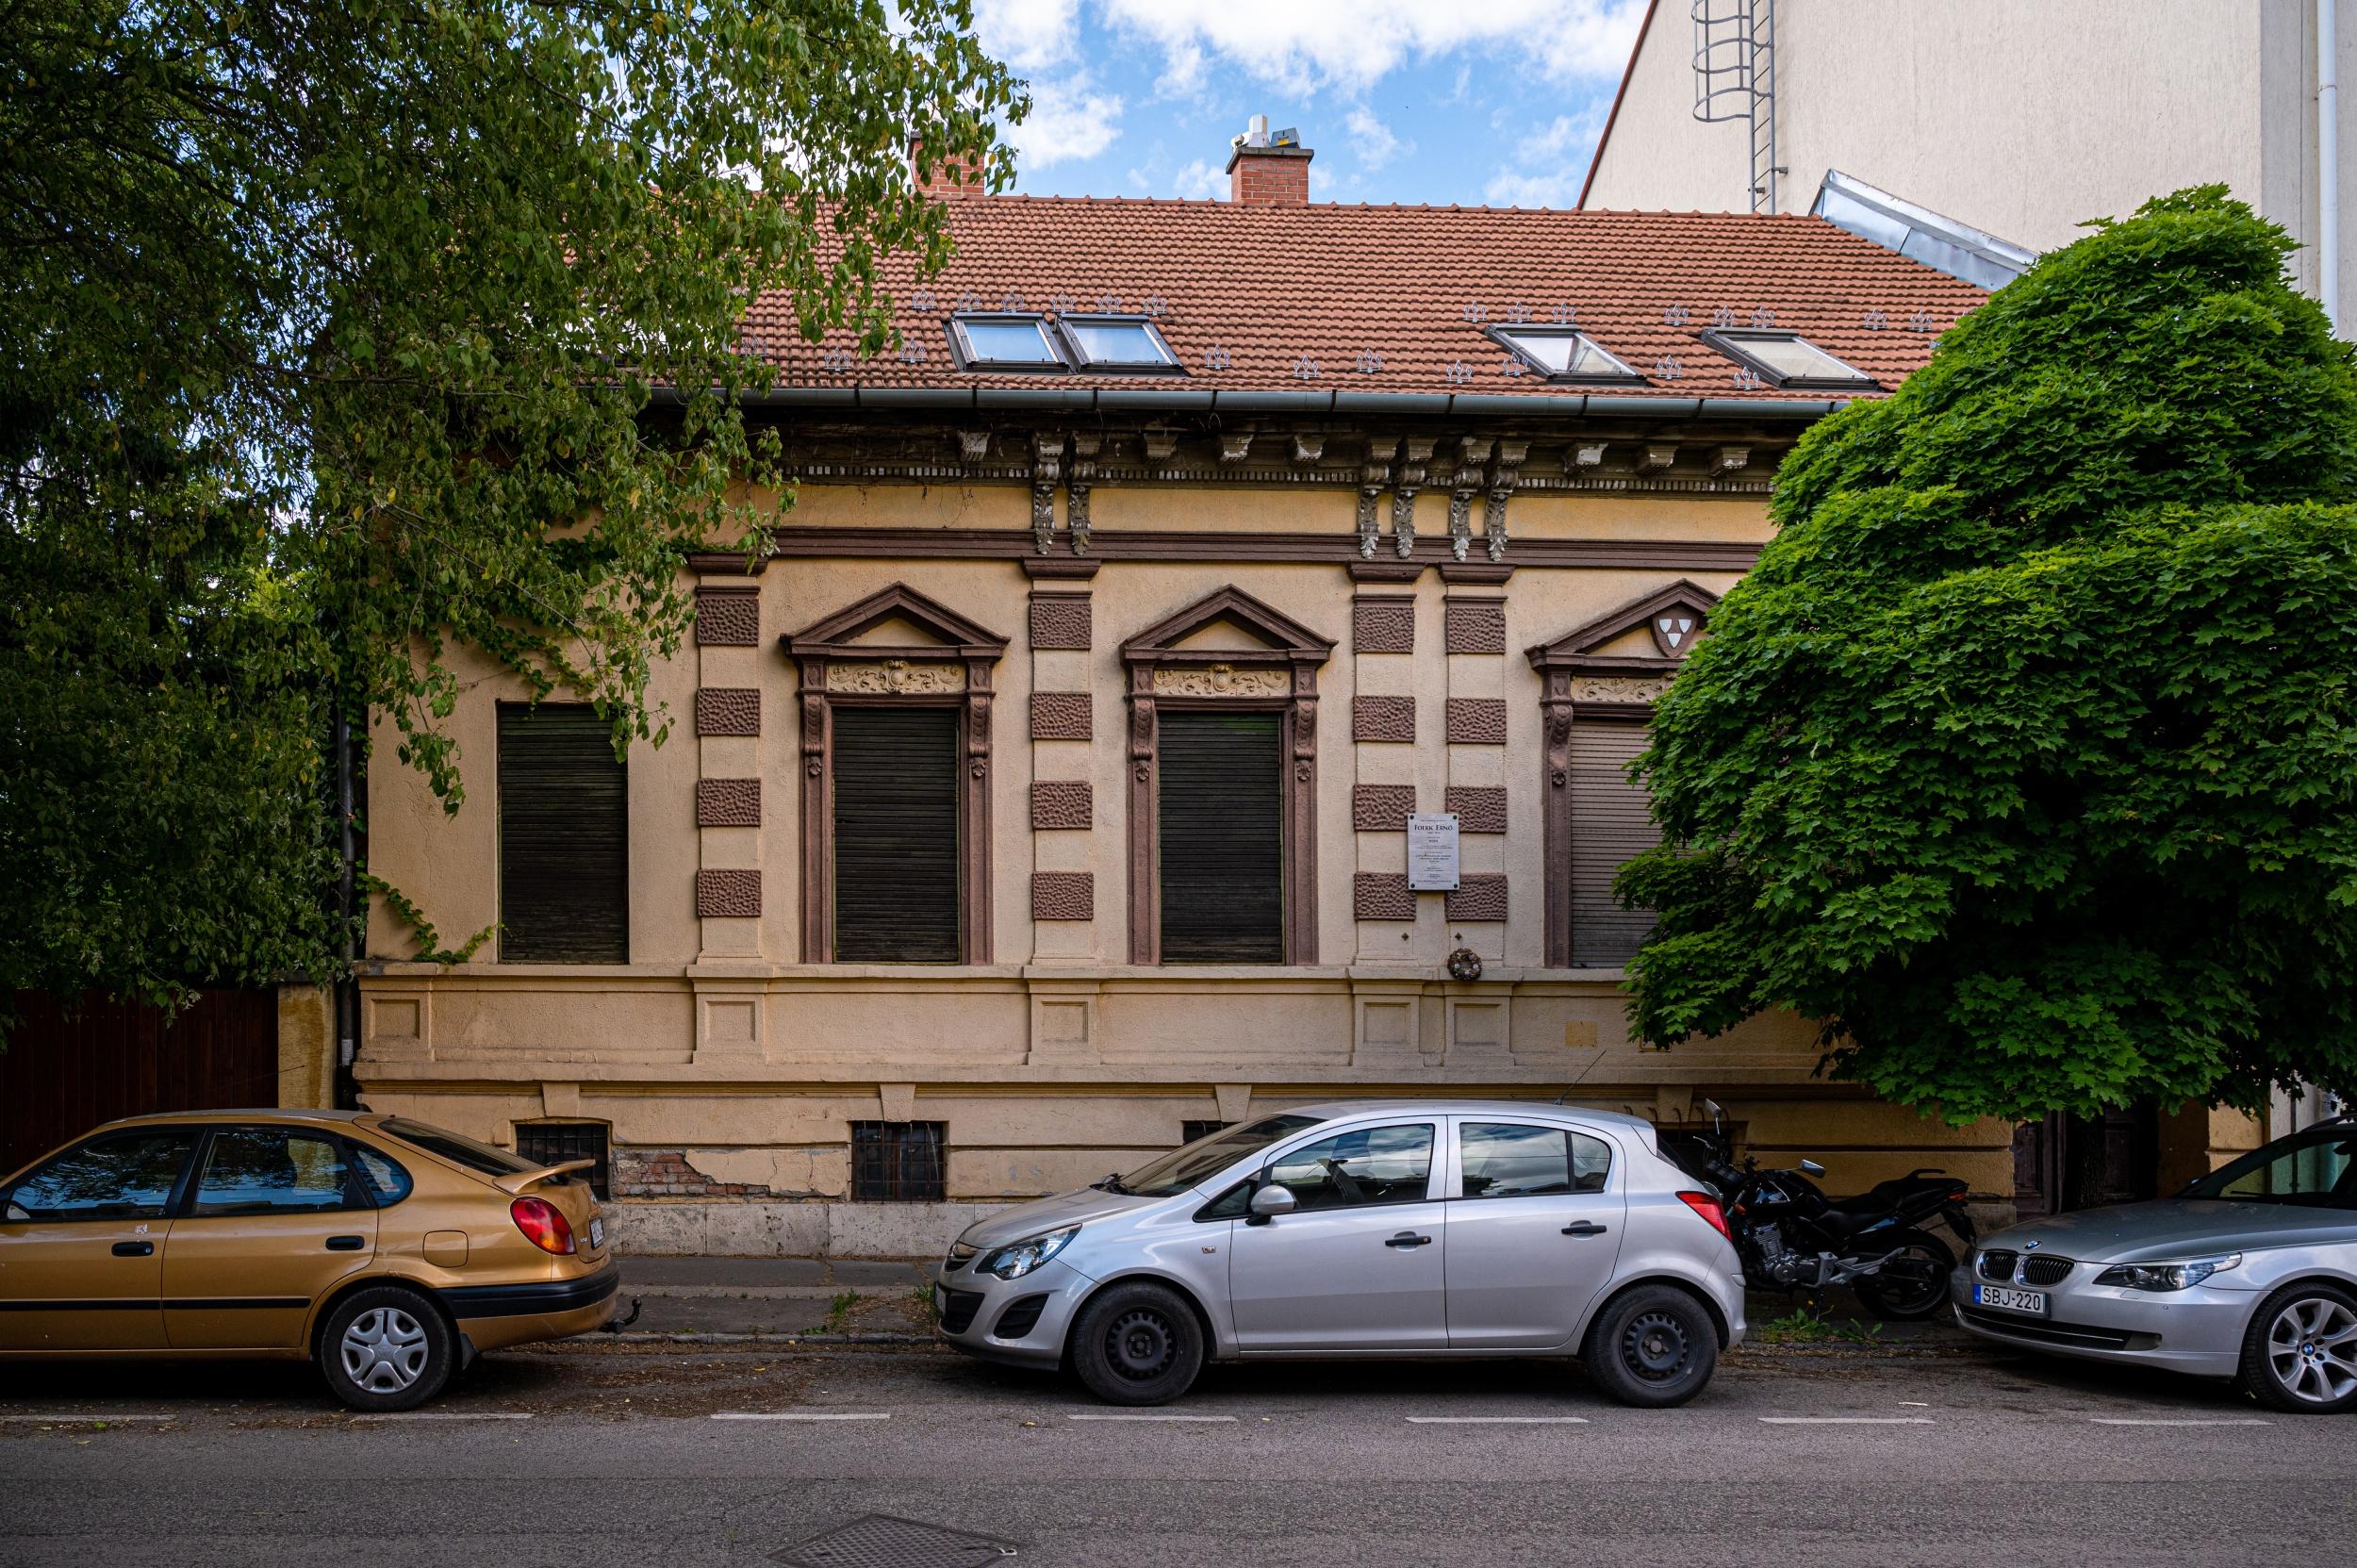 Csendes óbudai utcában rejtőzik egy híres magyar építész otthona